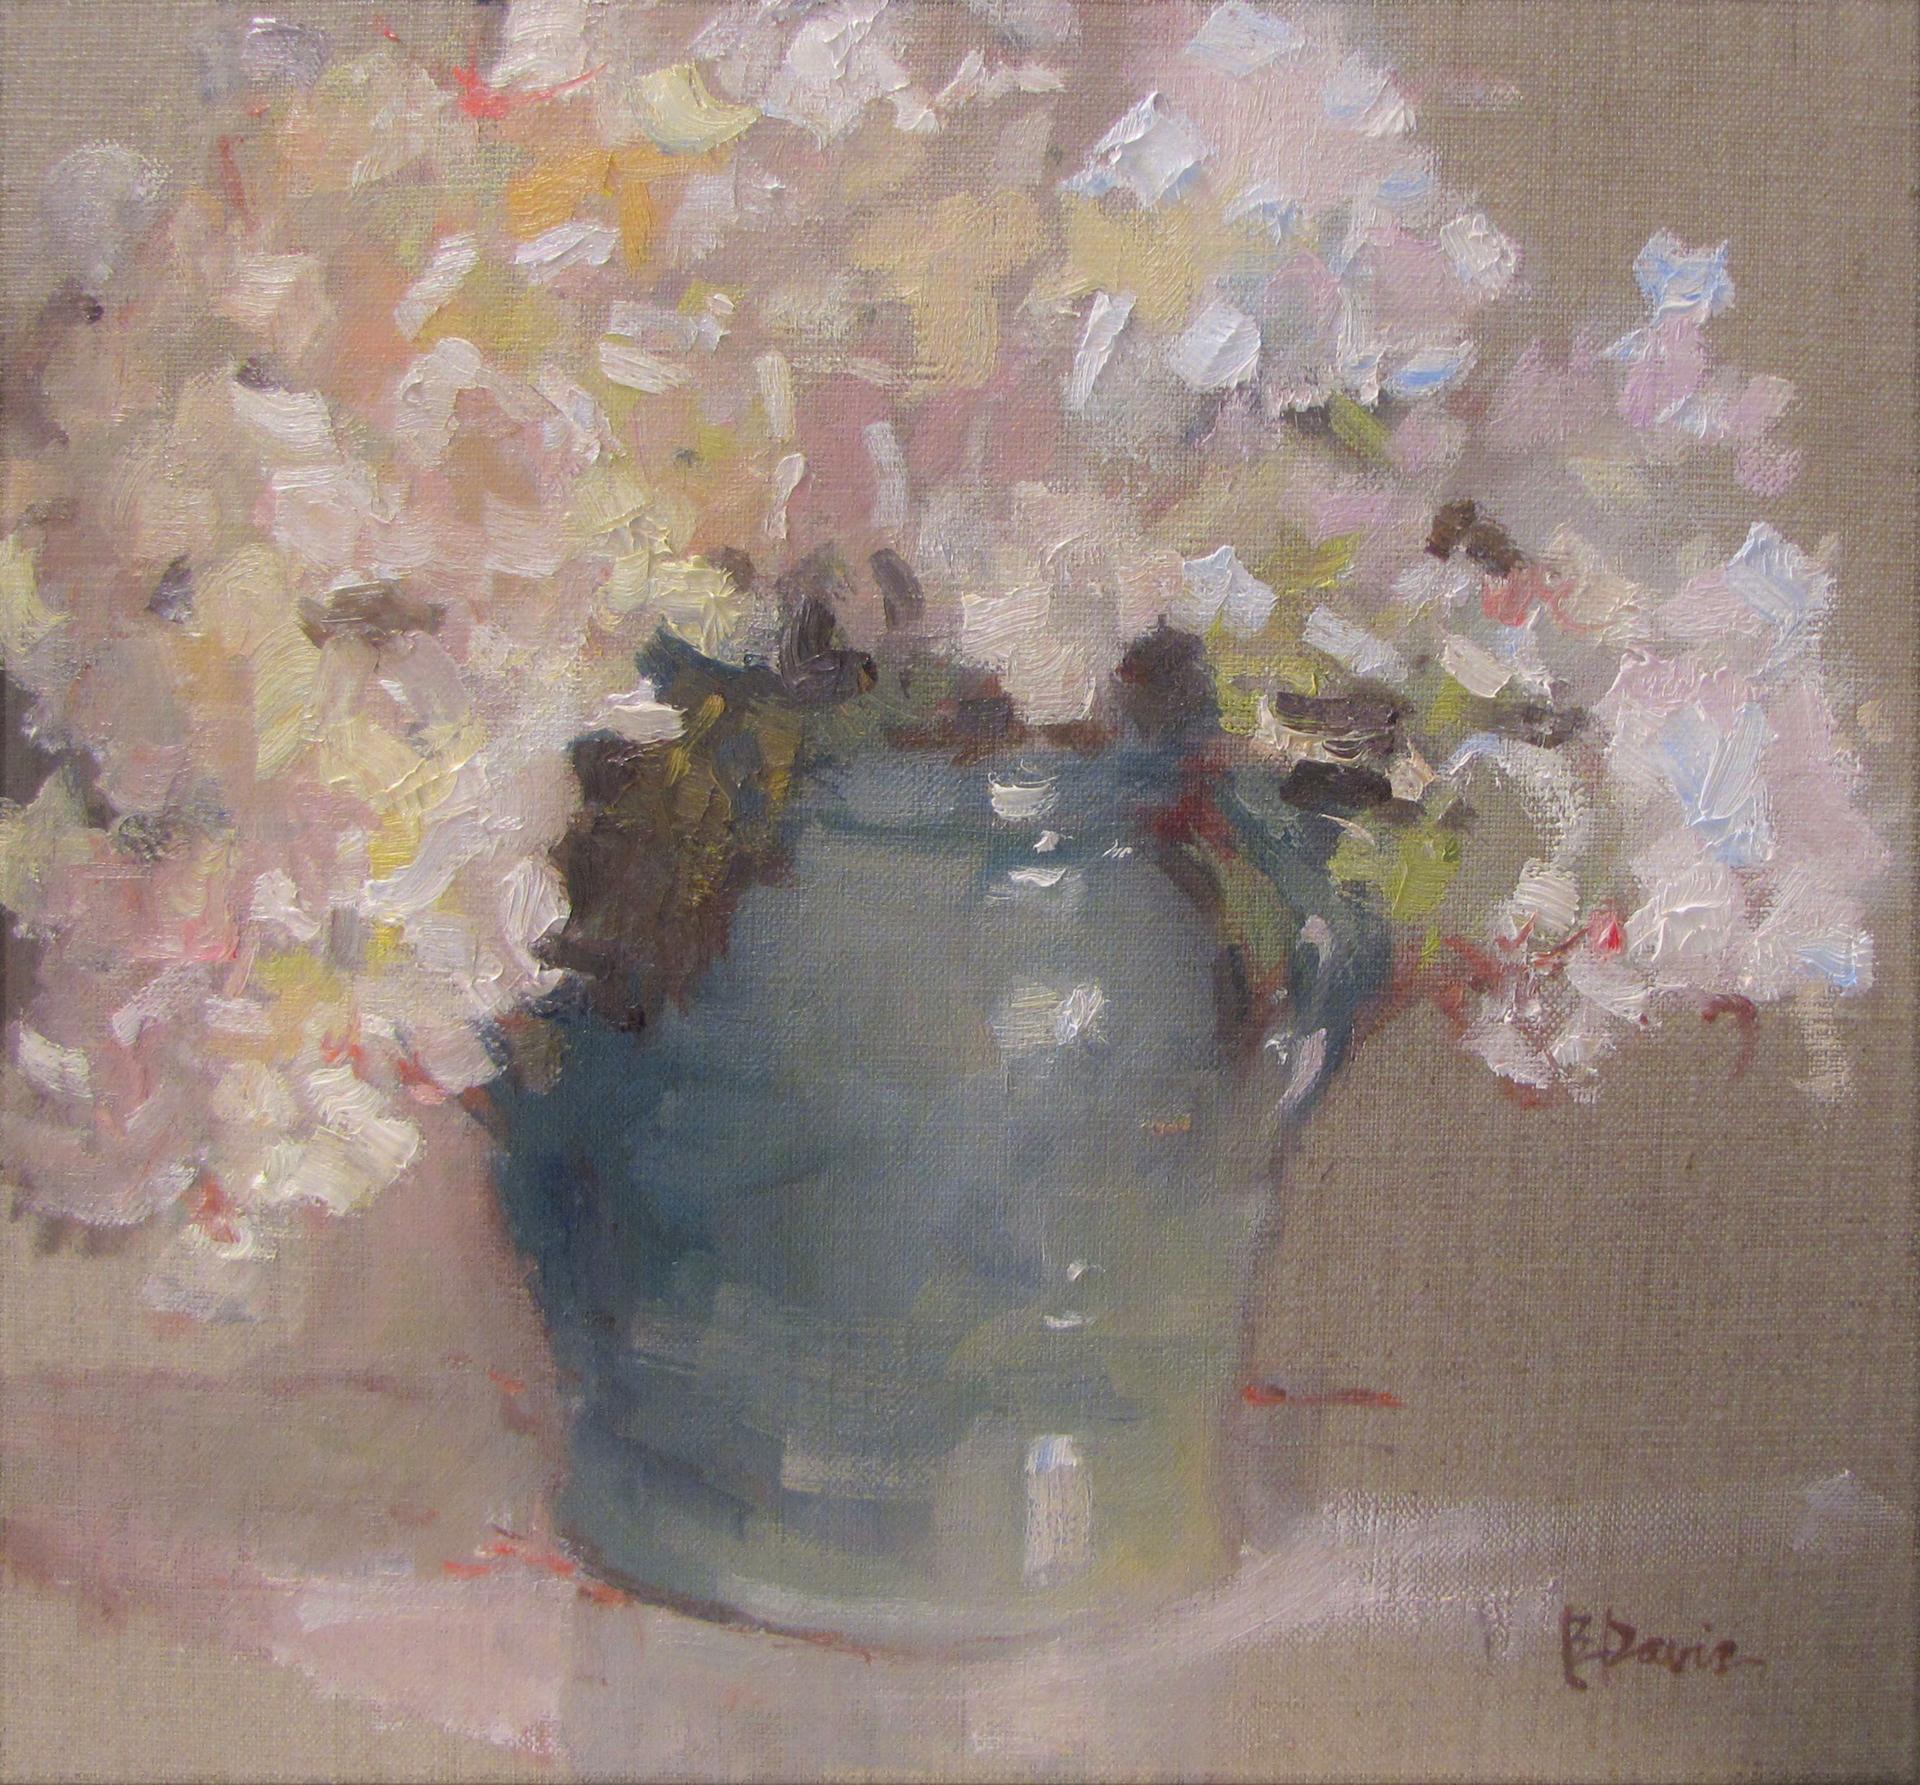 Bending Blooms by Barbara Davis